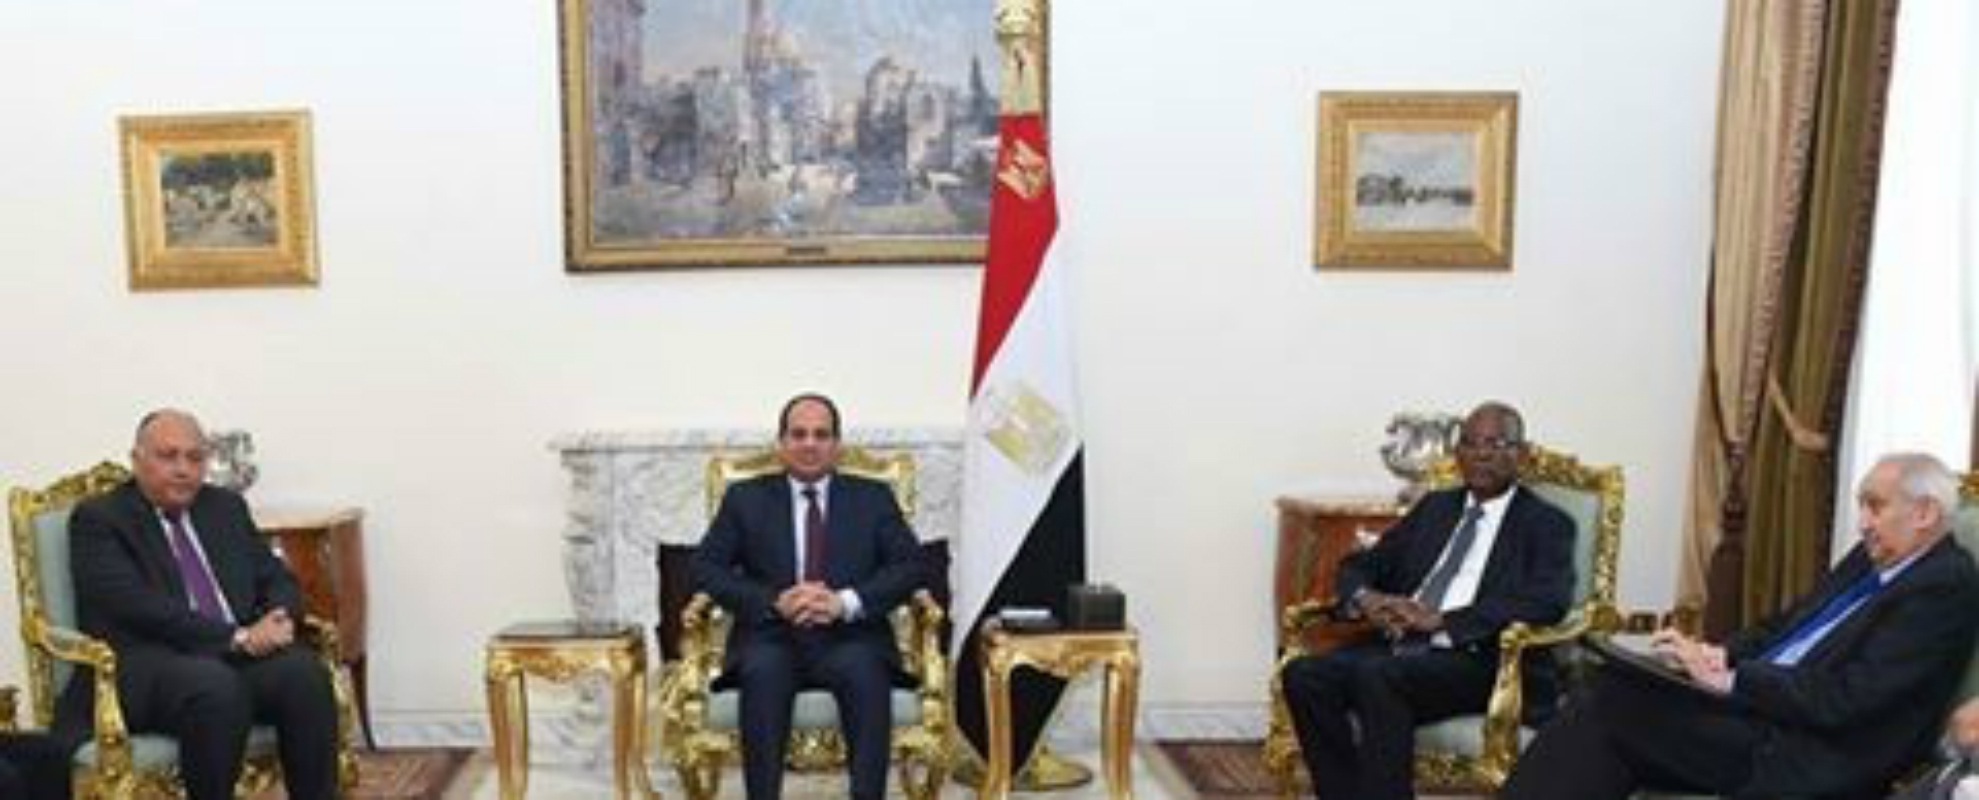 رصد الوطن- الرئيس عبد الفتاح السيسي